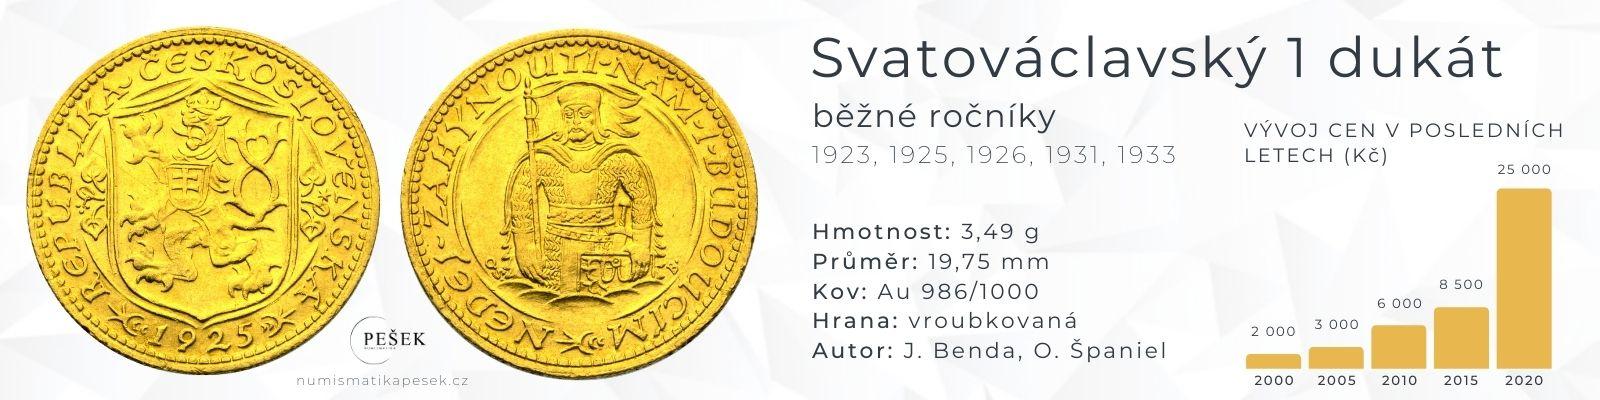 svatovaclavsky-dukat-cena-hodnota